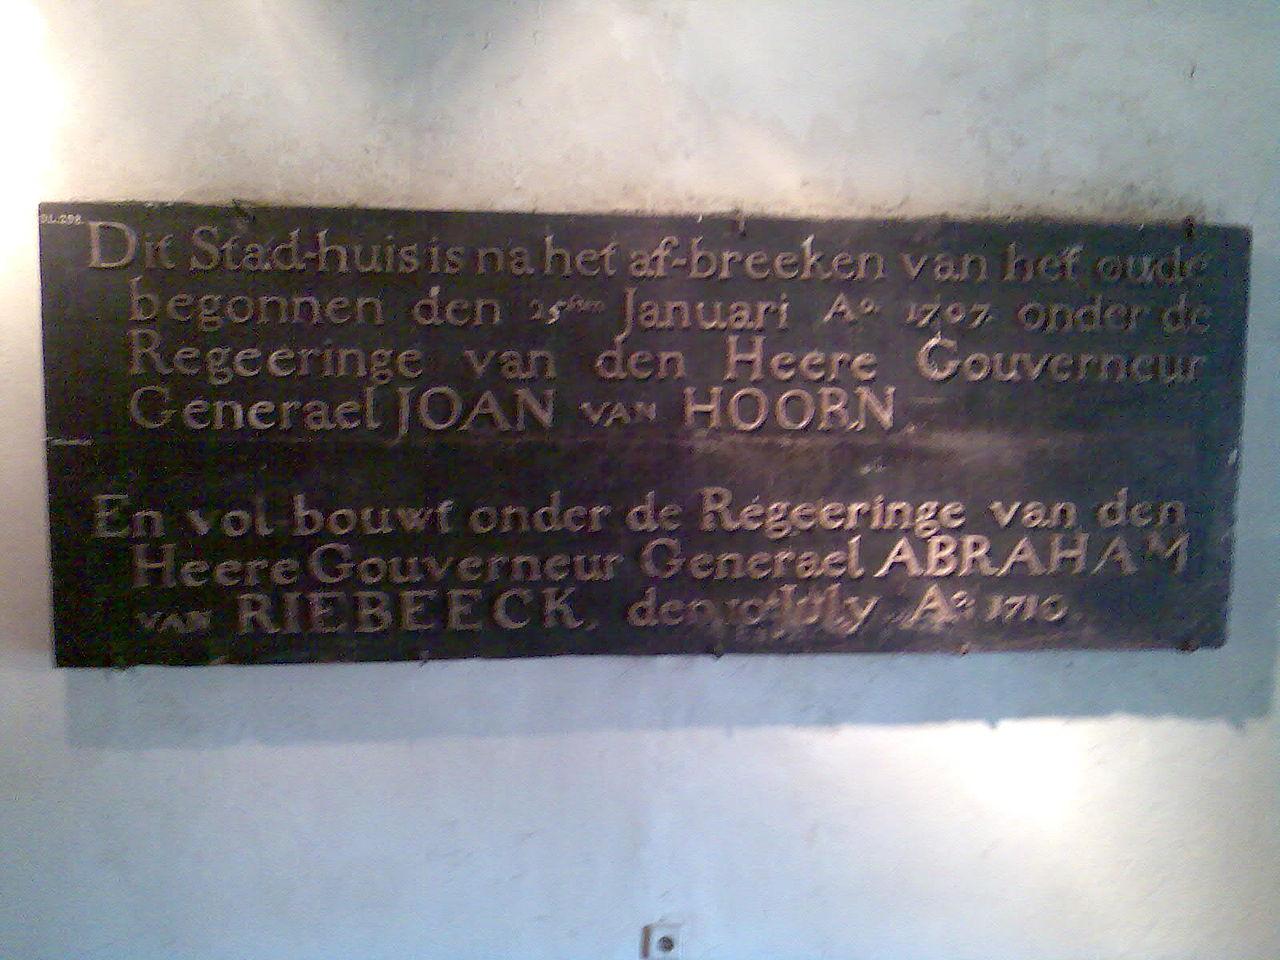 Balai Kota ini mulai dibangun sesudah gedung yang lama dibongkar, yakni pada tanggal 25 Januari 1707 di bawah pemerintahan Tuan Gubernur Jenderal Joan van Hoorn. Pembangunan diselesaikan di bawah pemerintahan Tuan Gubernur Jenderal Abraham Van Riebeeck pada tanggal 10 Juli 1710